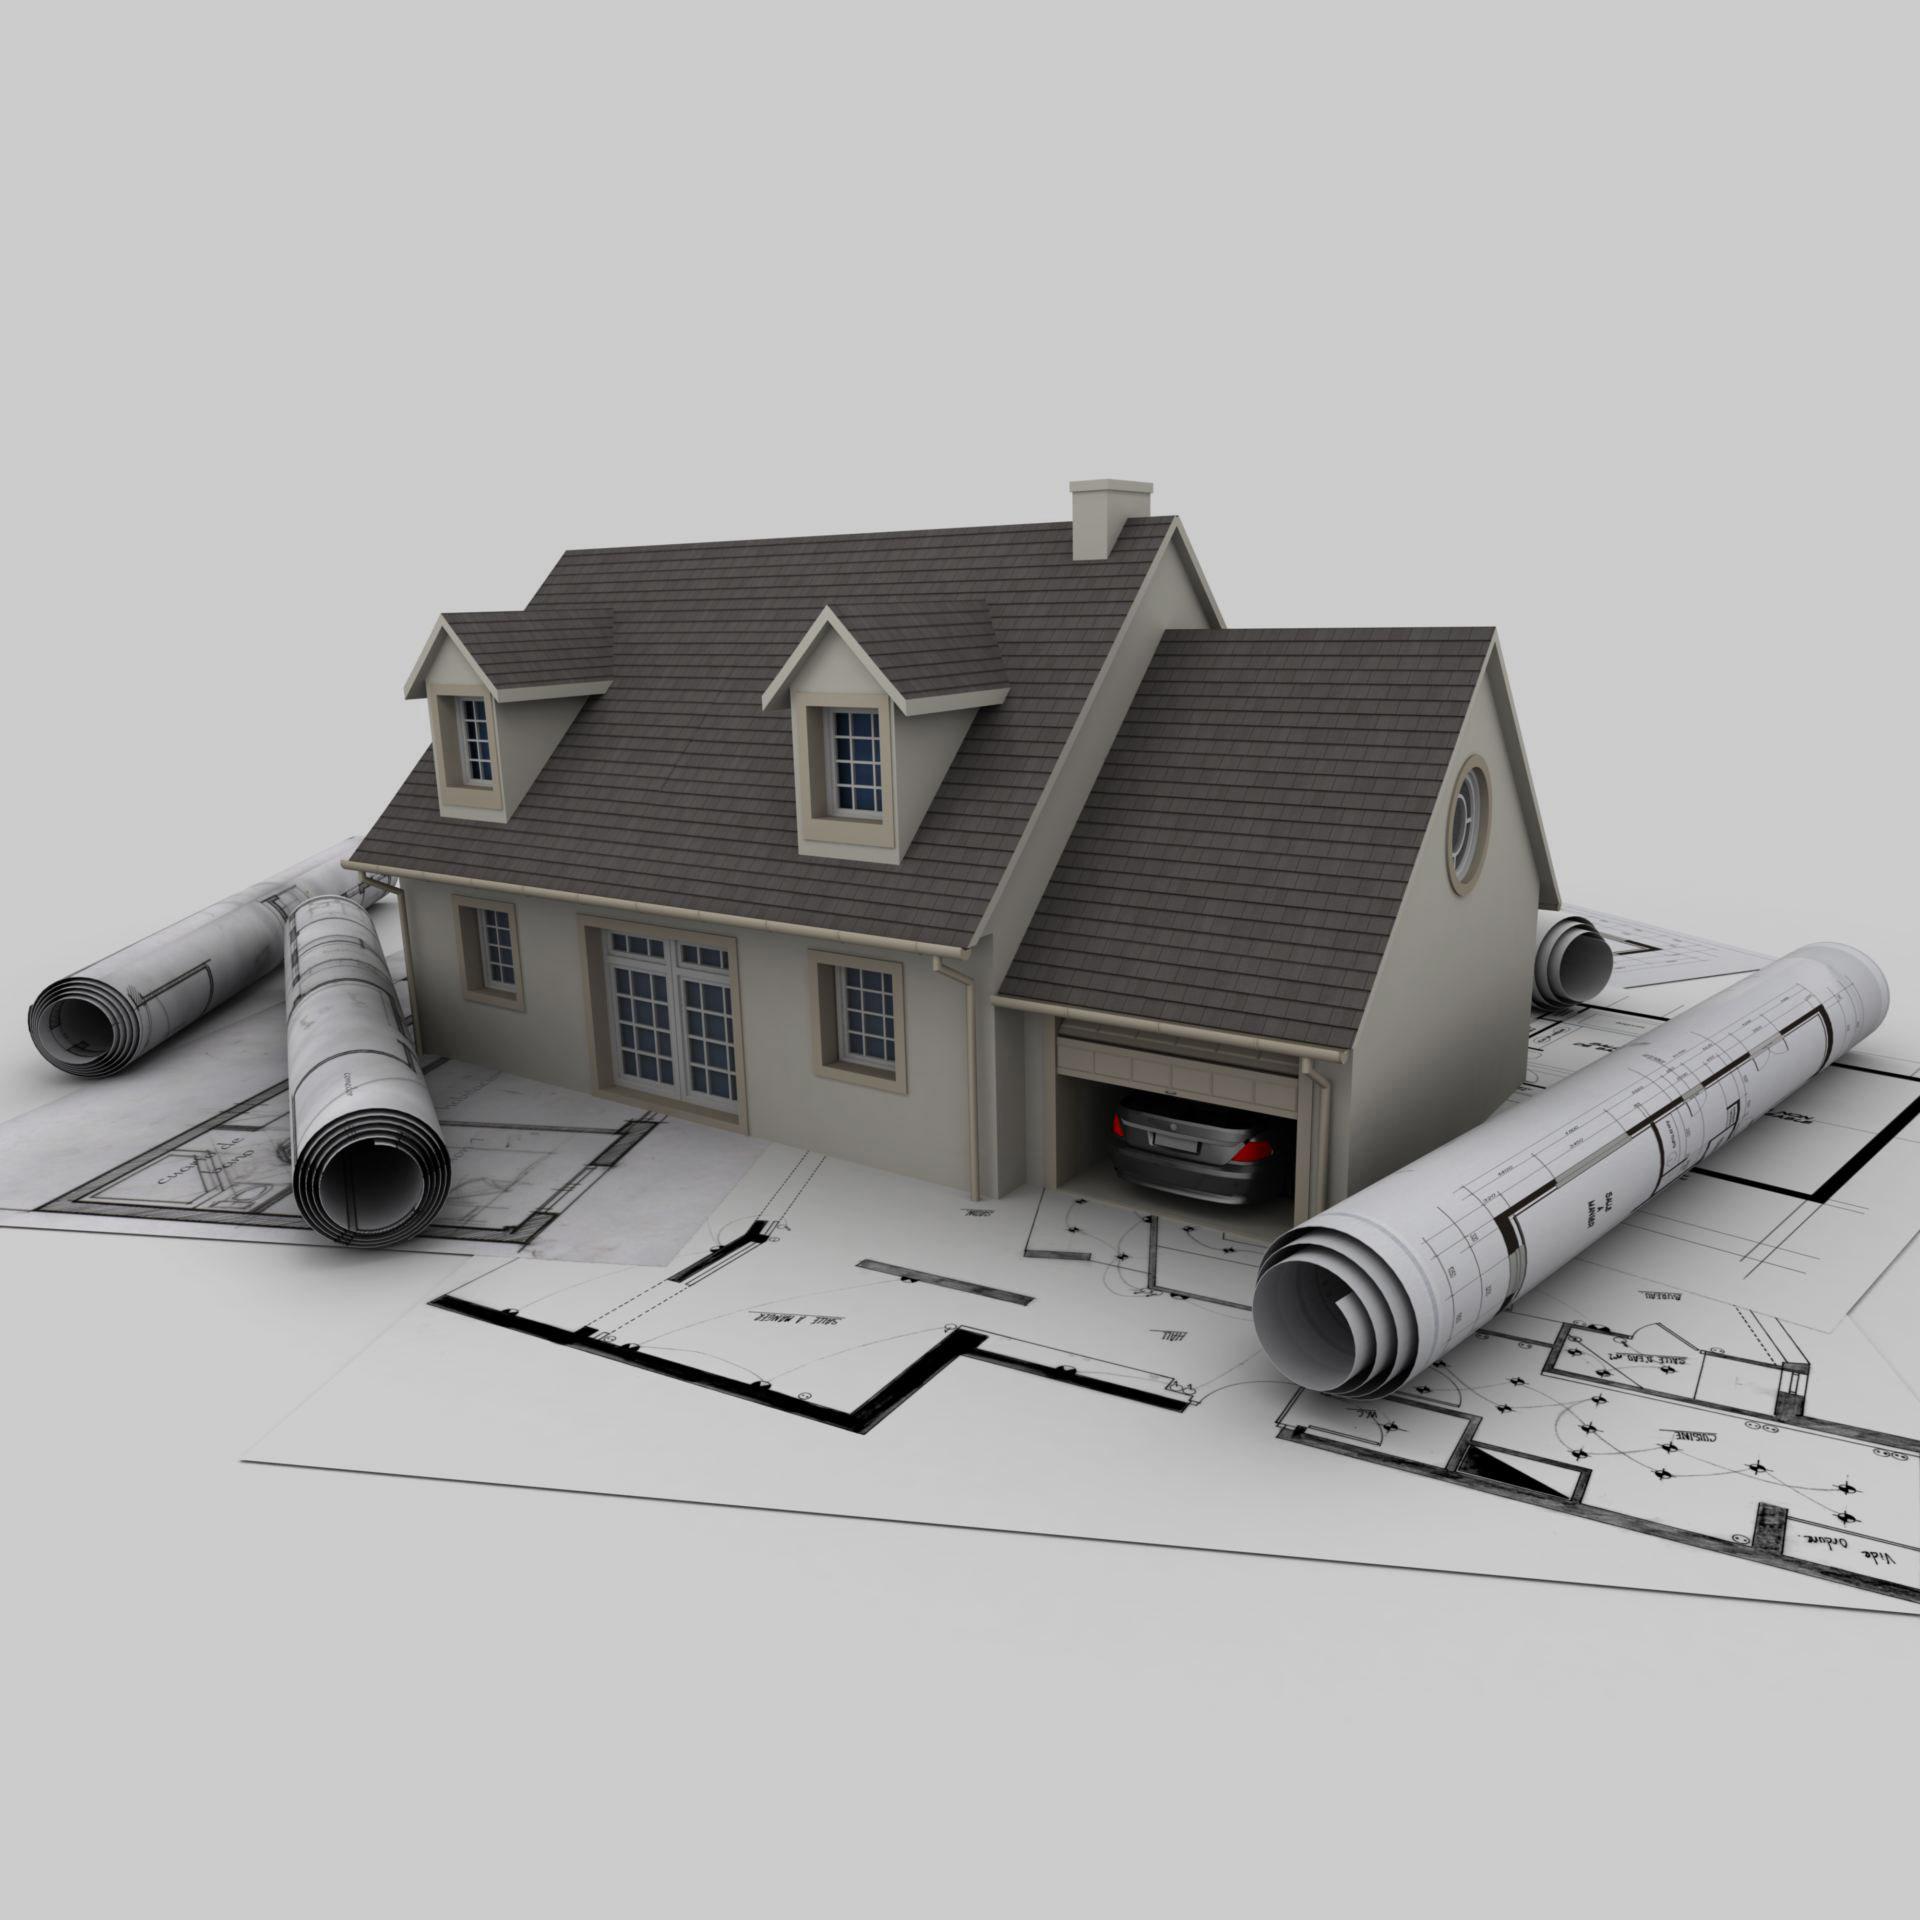 ilustrace rodinného domu